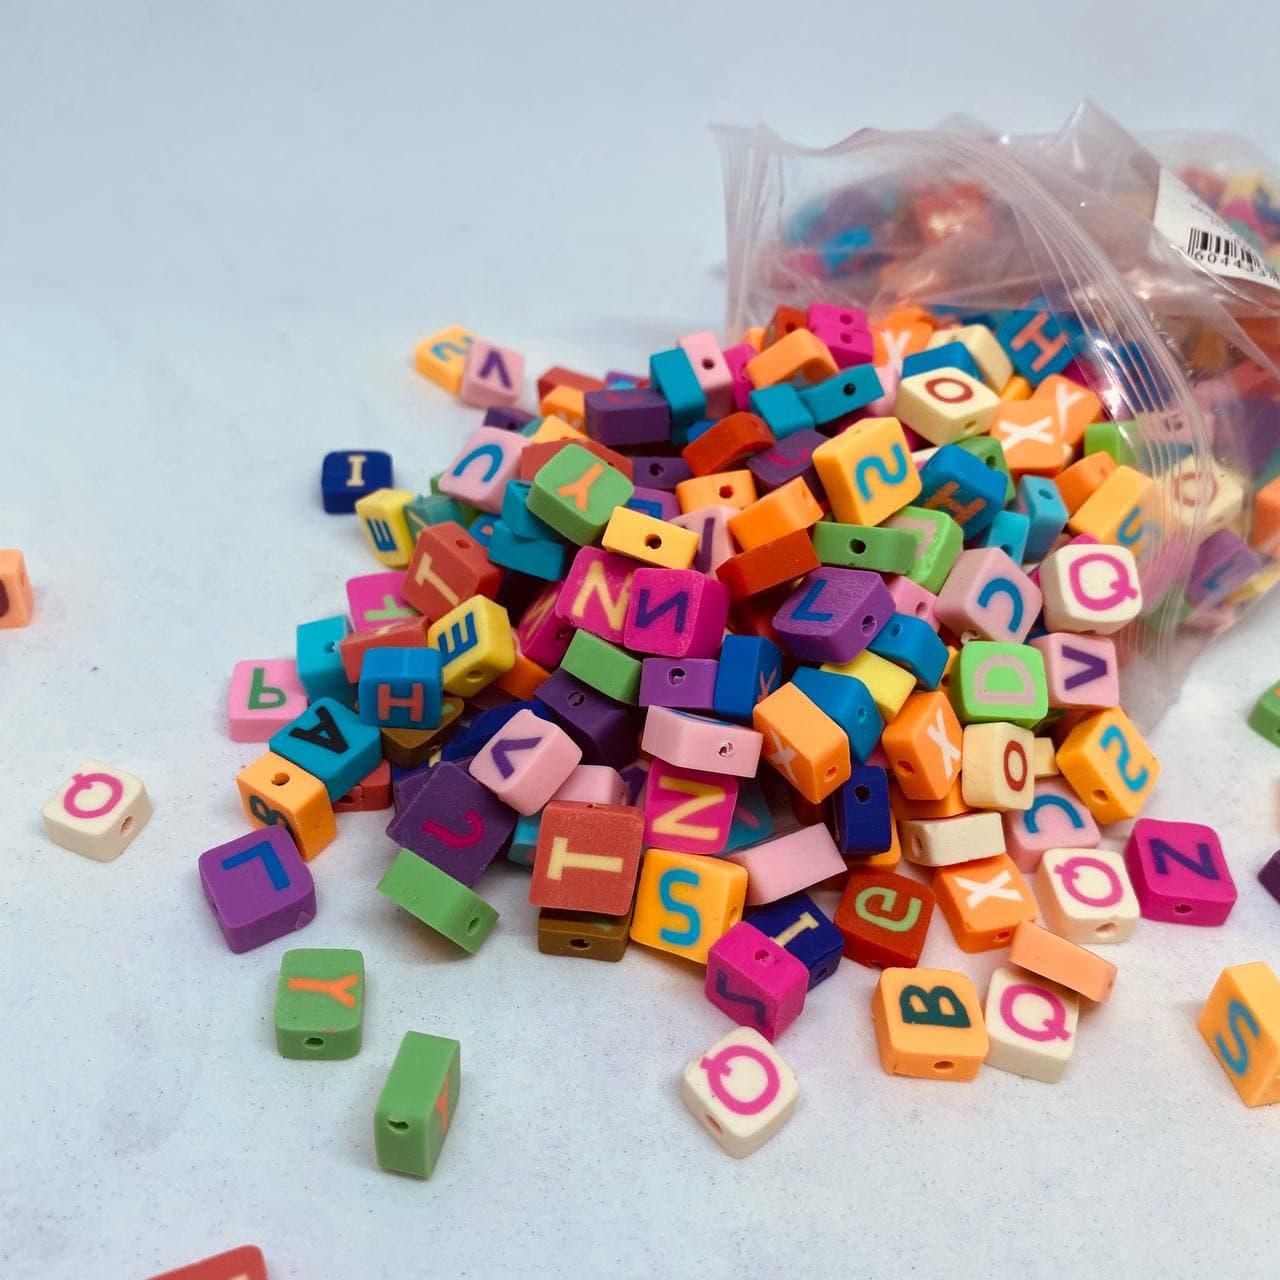 Miçanga Letrinhas Coloridas emborrachada10x5mm  pacote com 10g  - Palácio Dos Cristais